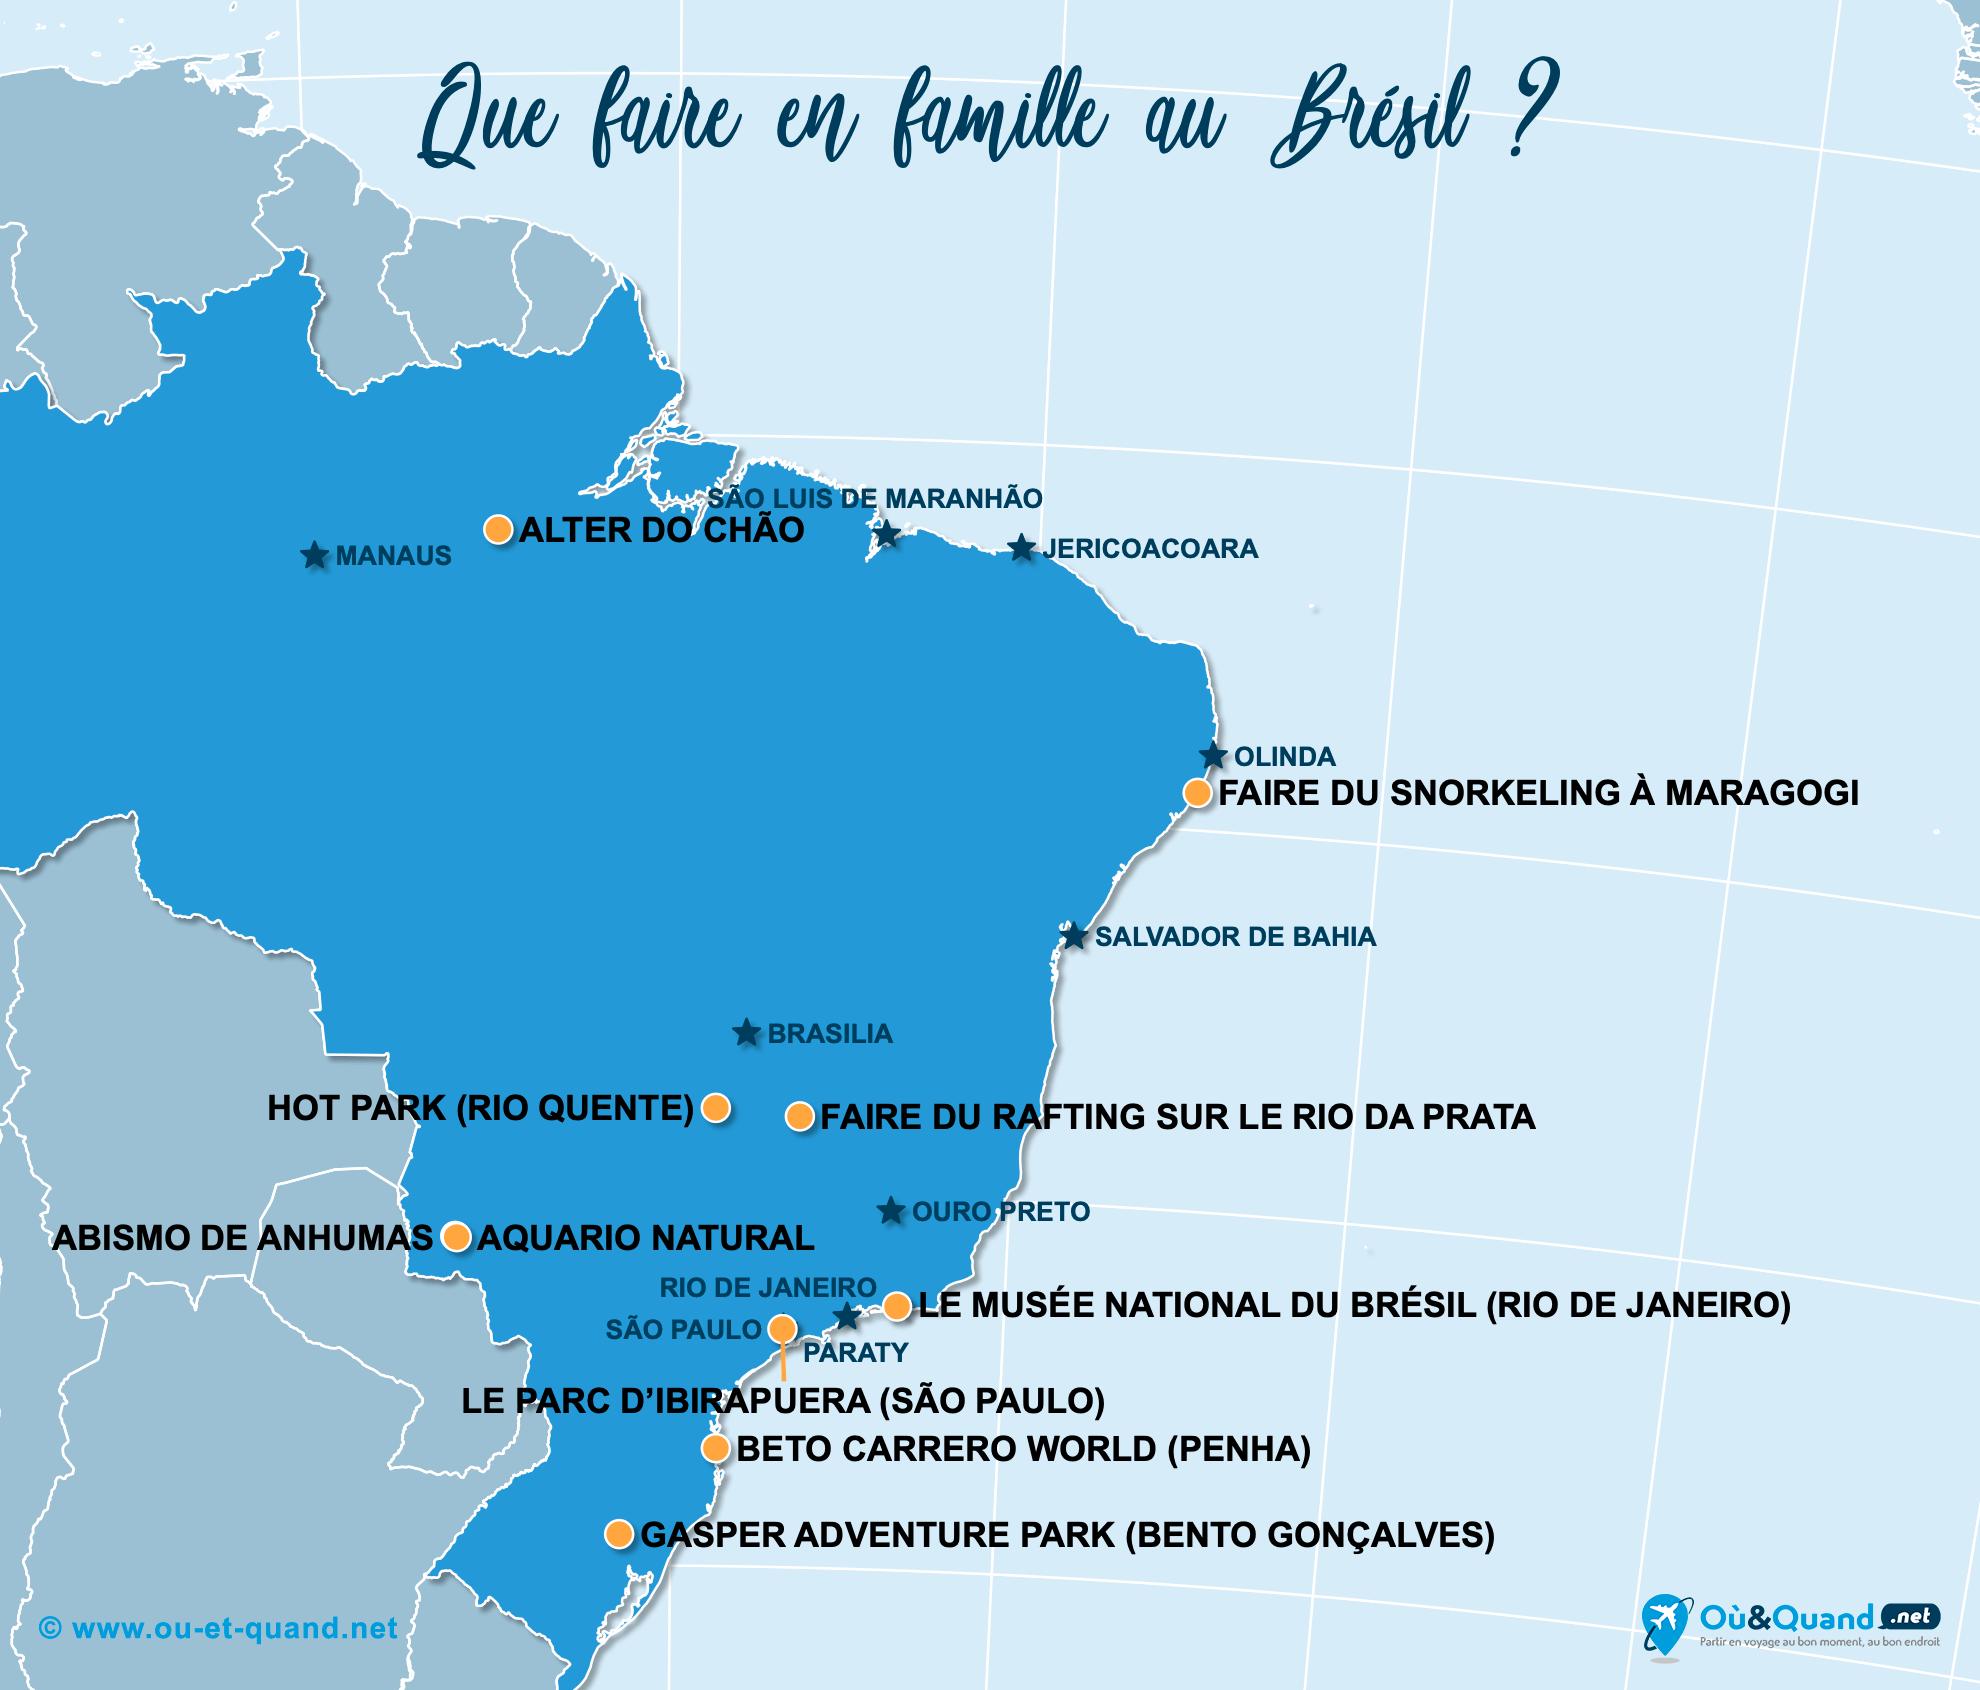 Carte Brésil : Le Brésil en famille